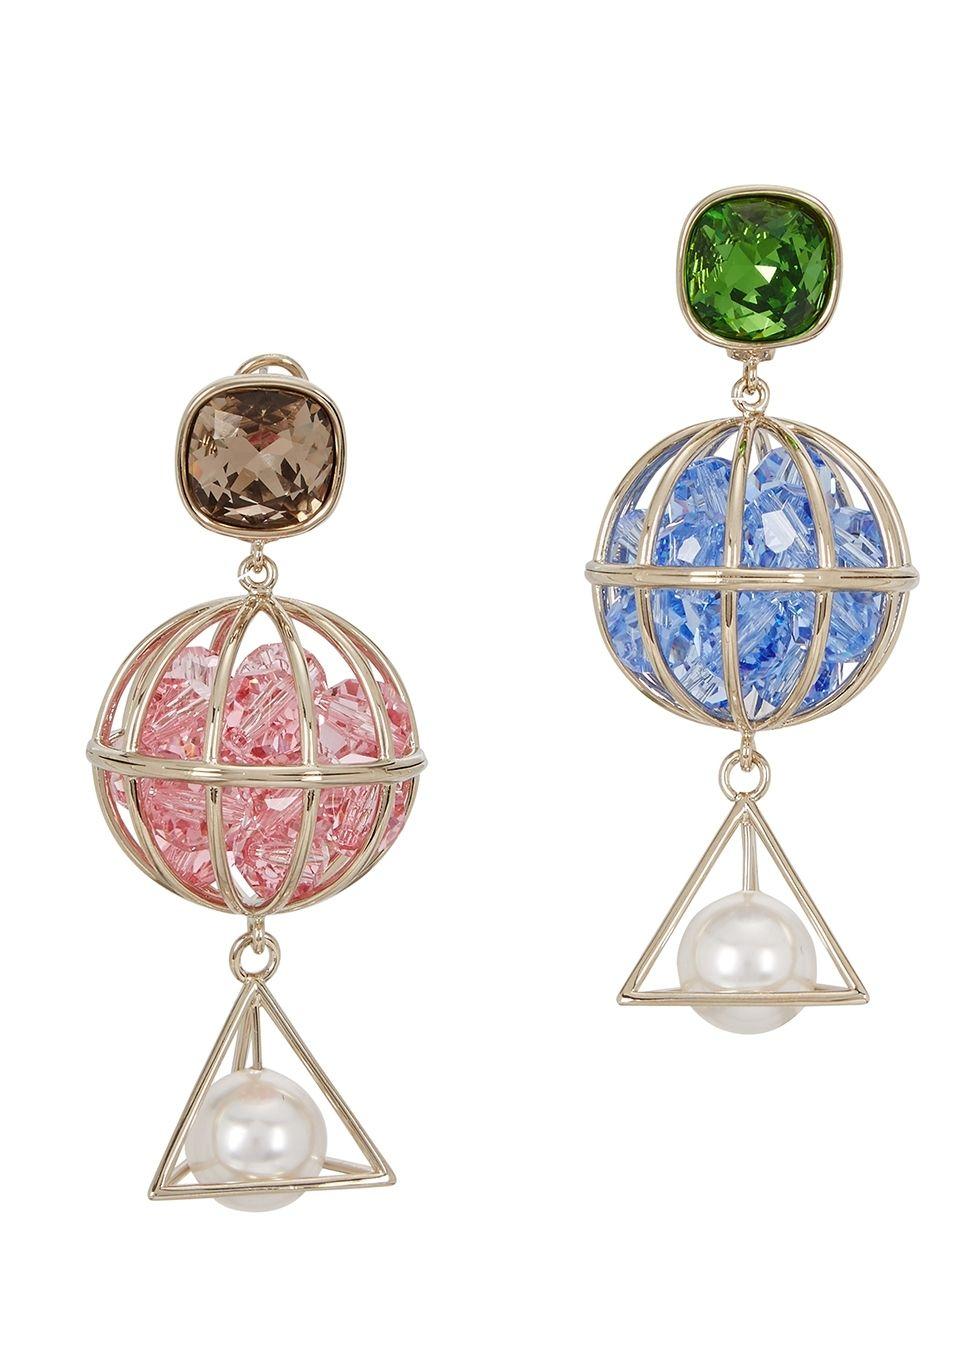 b9781711d5ff2 Atelier Swarovski X Mary Katrantzou Nostalgia drop earrings.  www.italianist.com